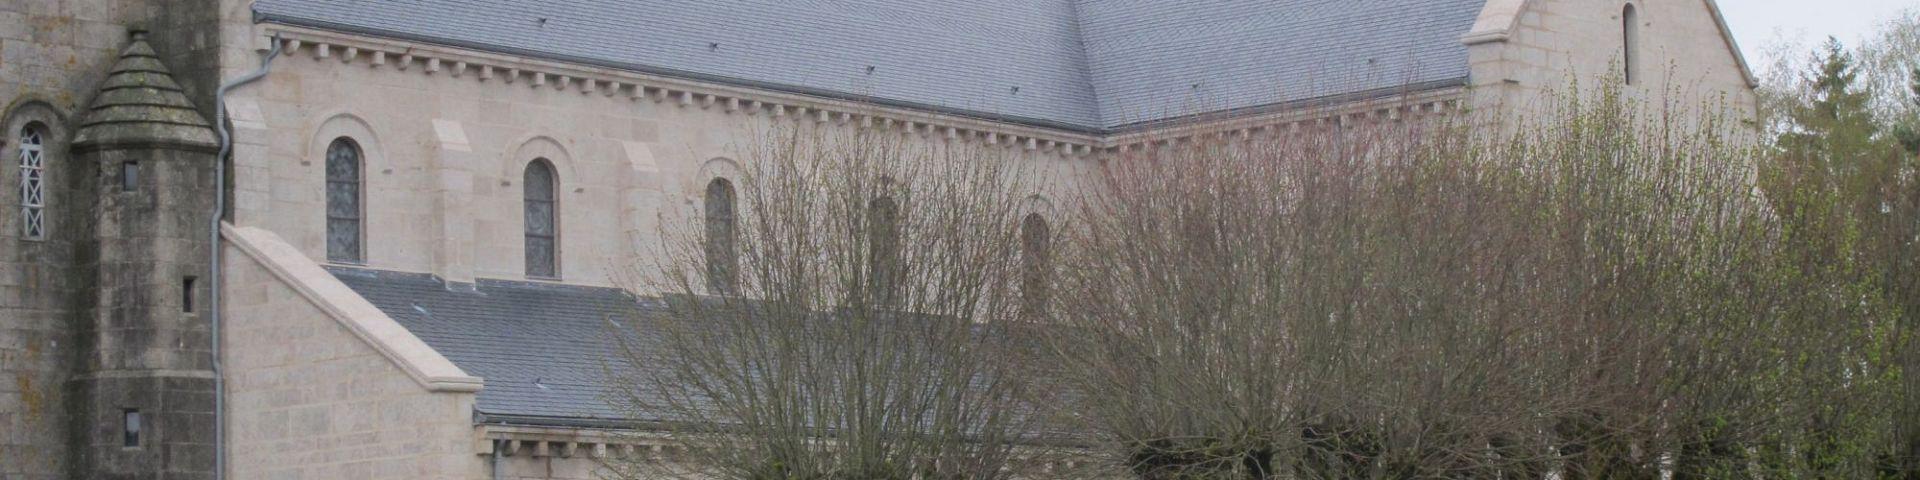 Dun-les-Places - Eglise Sainte Amélie (58)